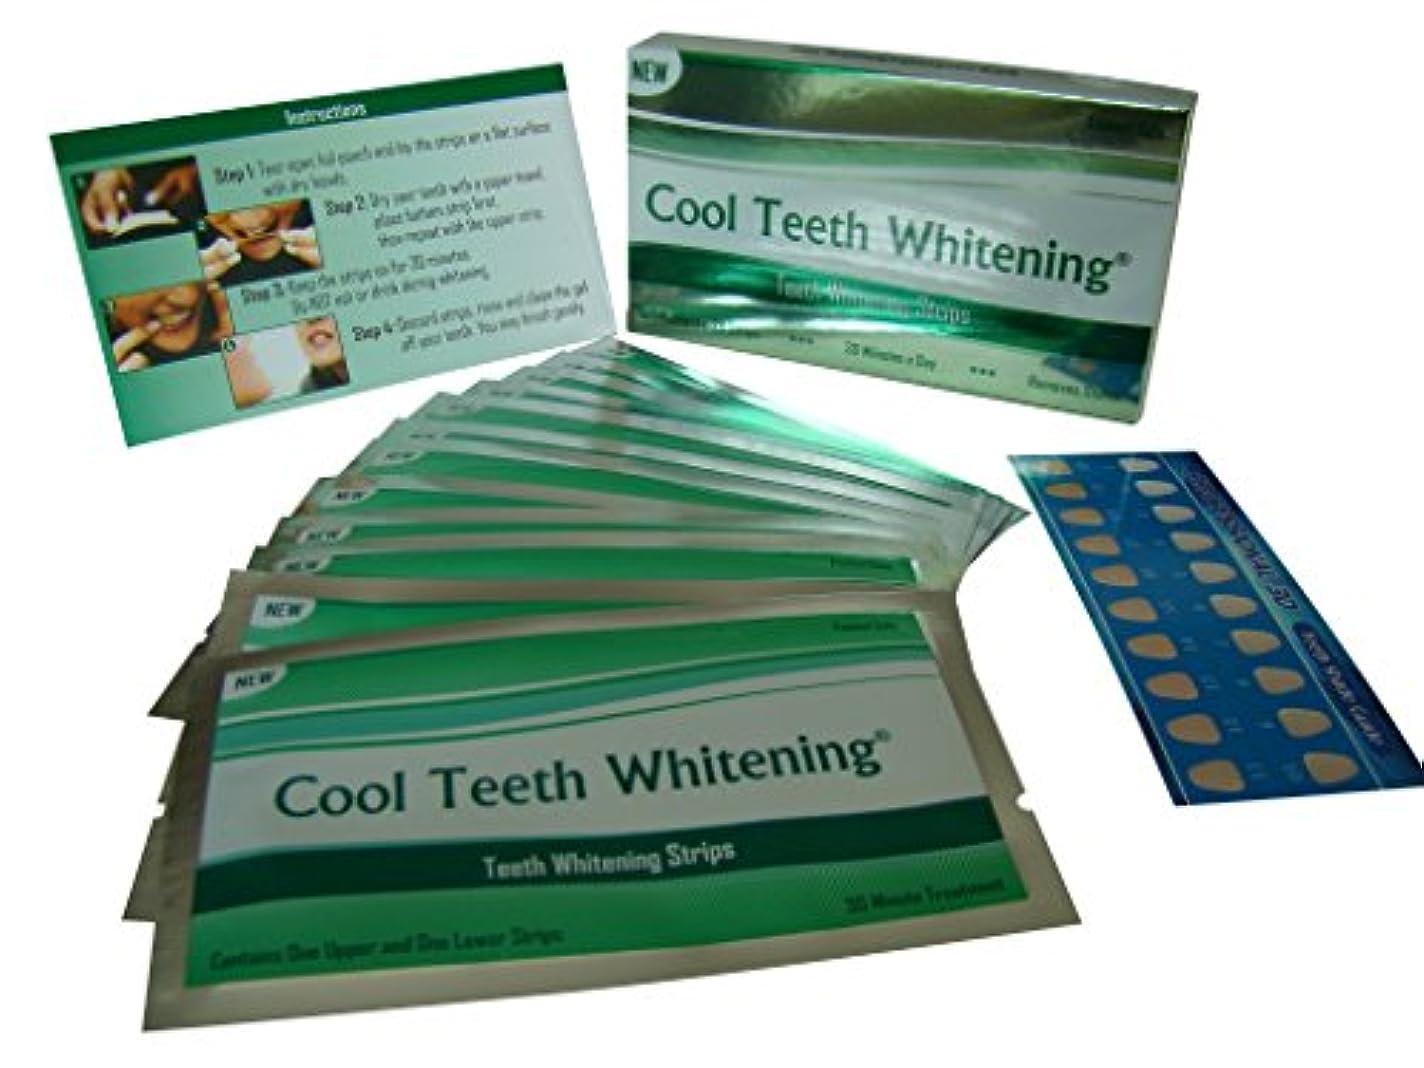 神社フルーツ以上Cool Teeth Whitening?つ? 14 Treatments Advanced Professional 6% Hp Strength Dual Elastic Band Teeth Whitening Gel...